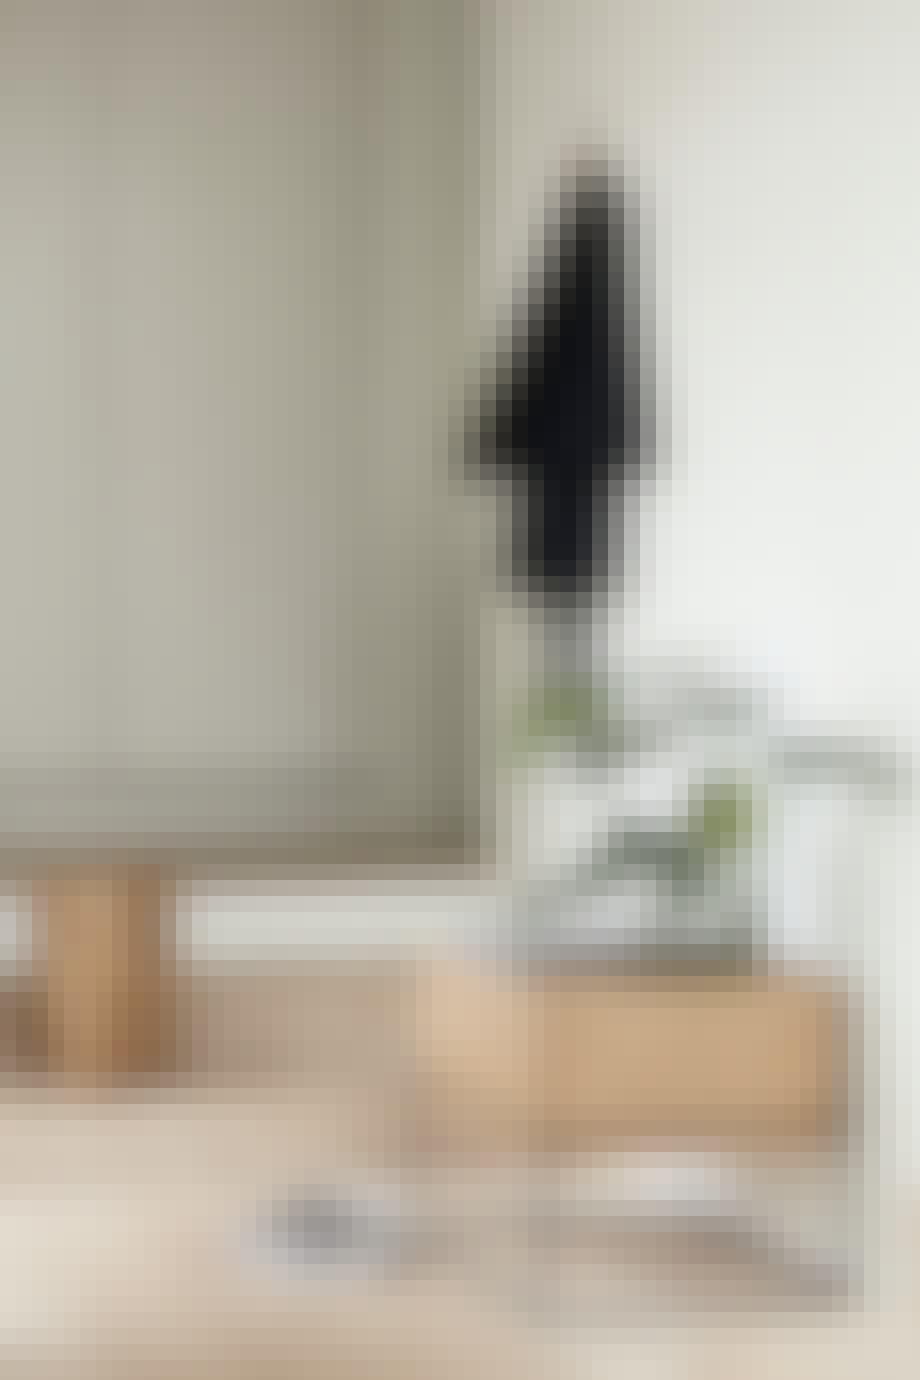 Multimøbel, krakk, entrémøbel